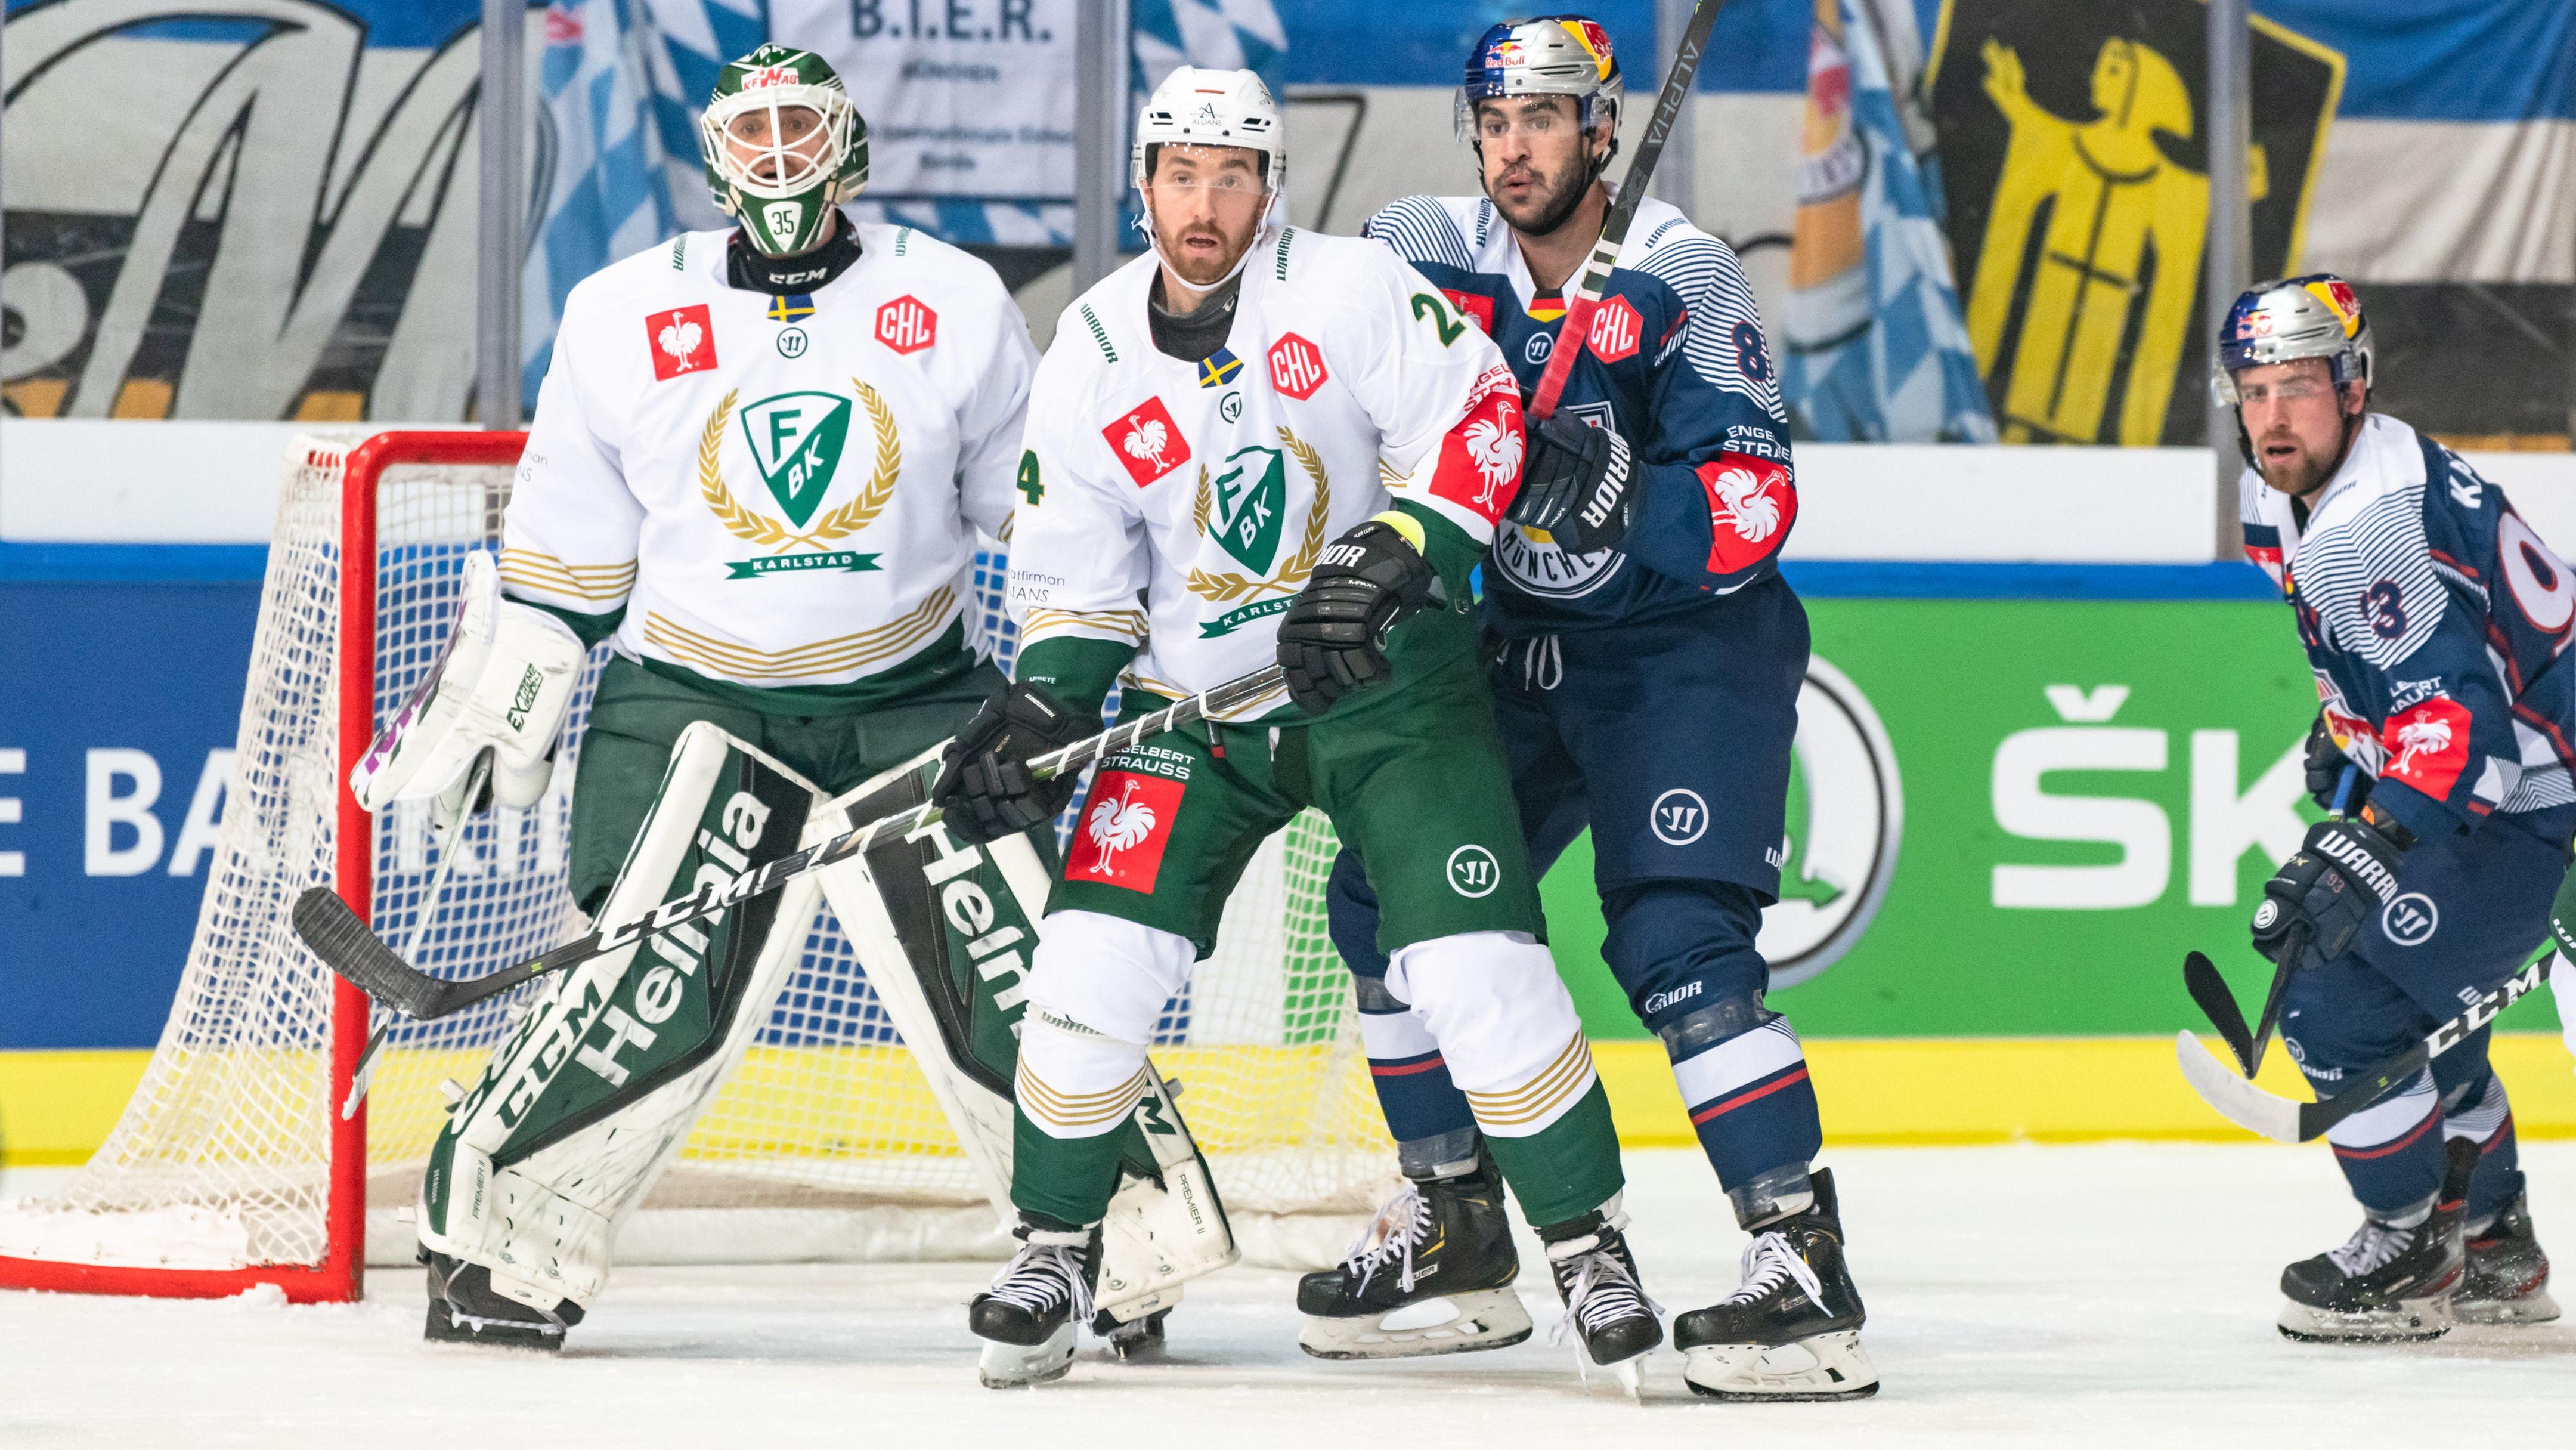 Jonathon Blum (Faerjestad), Trevor Parkes und Maximilian Kastner (beide EHC Muenchen) vor dem Tor von Markus Svensson (Faerjestad).